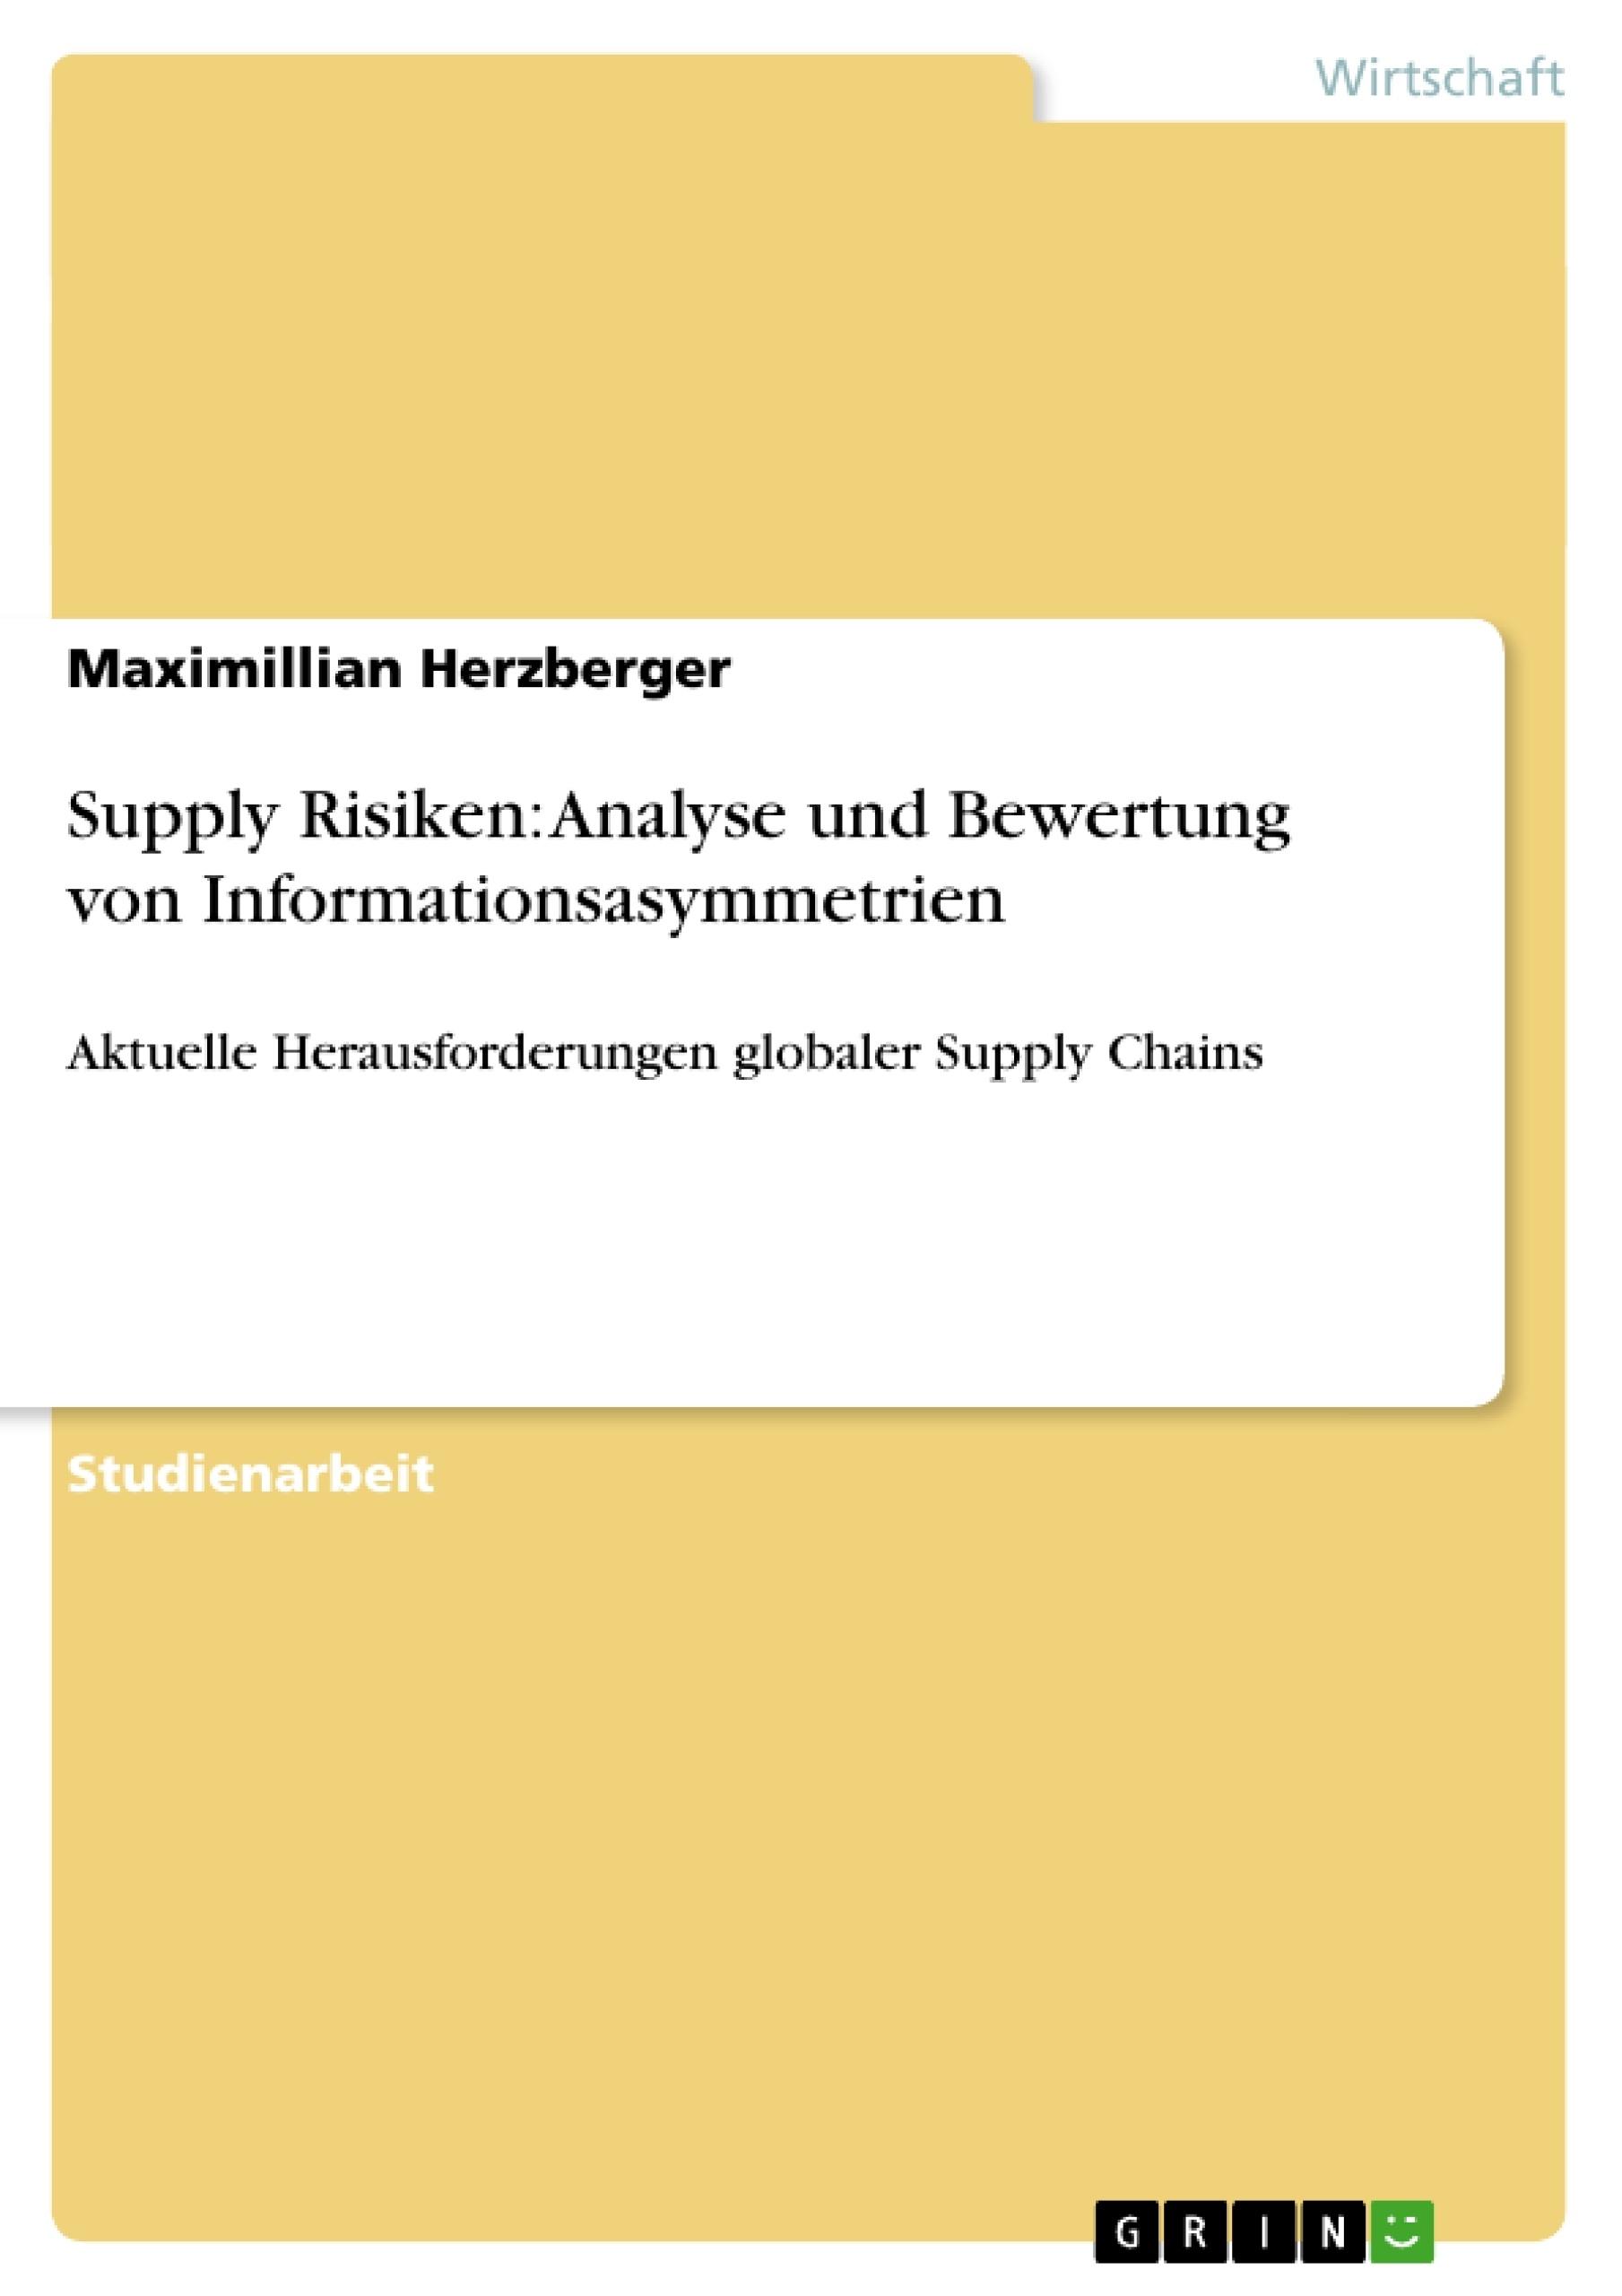 Titel: Supply Risiken: Analyse und Bewertung von Informationsasymmetrien